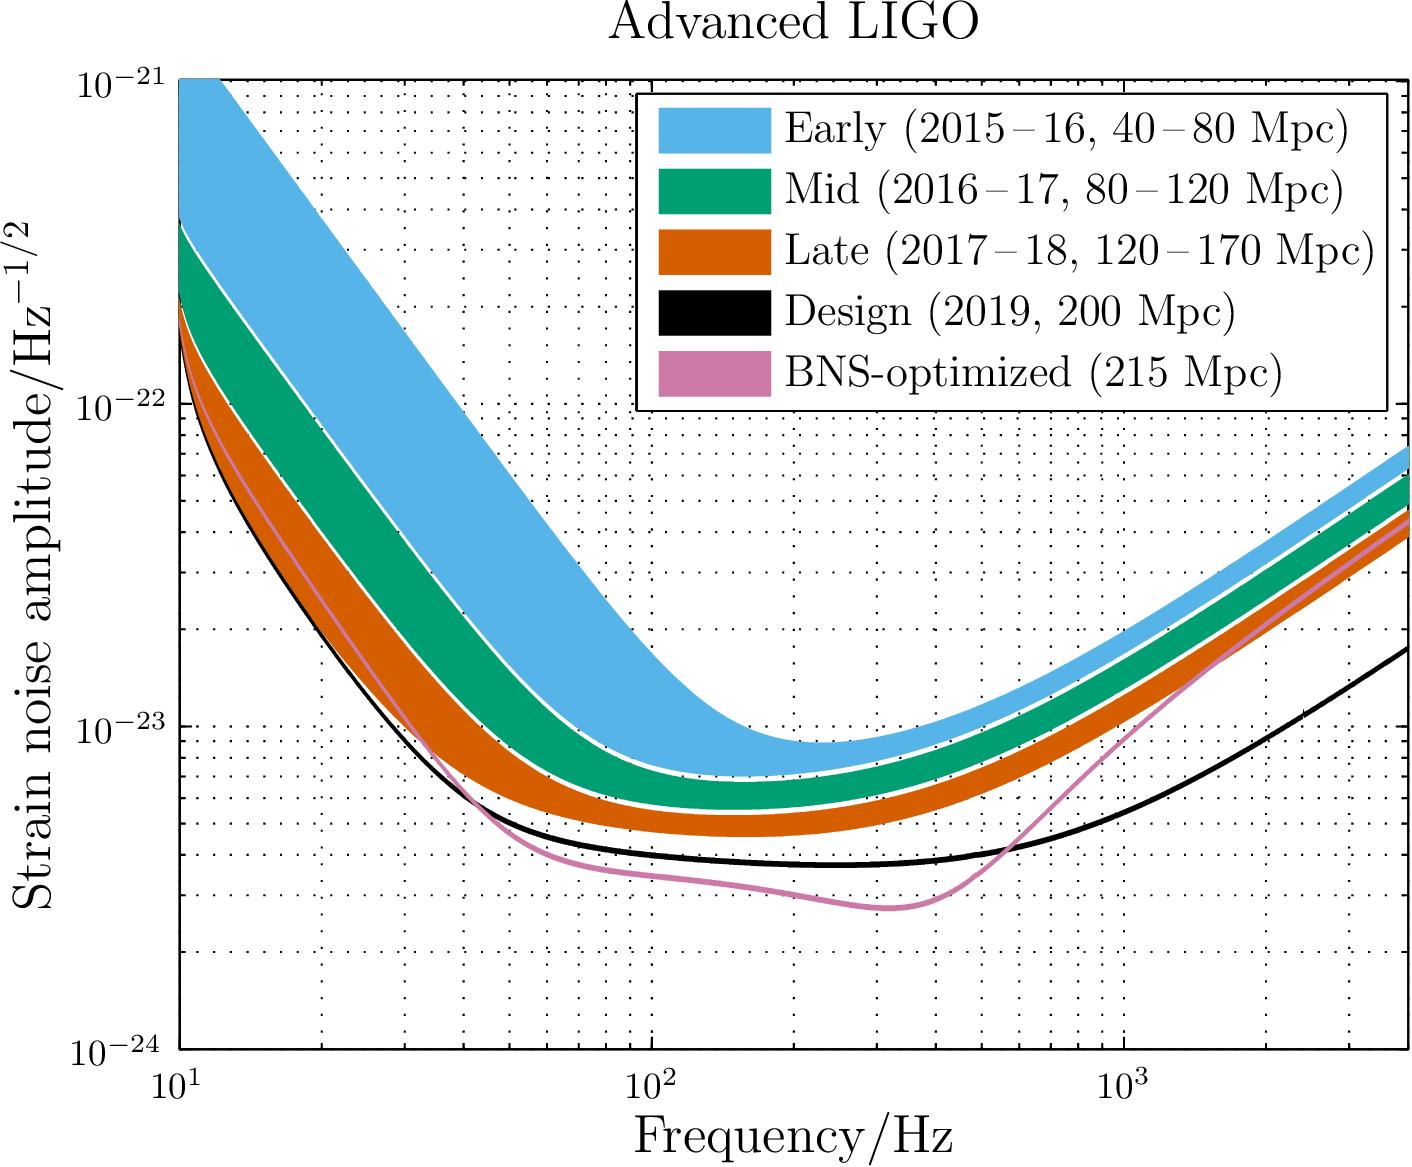 La curva de sensibilidad de Advanced LIGO.